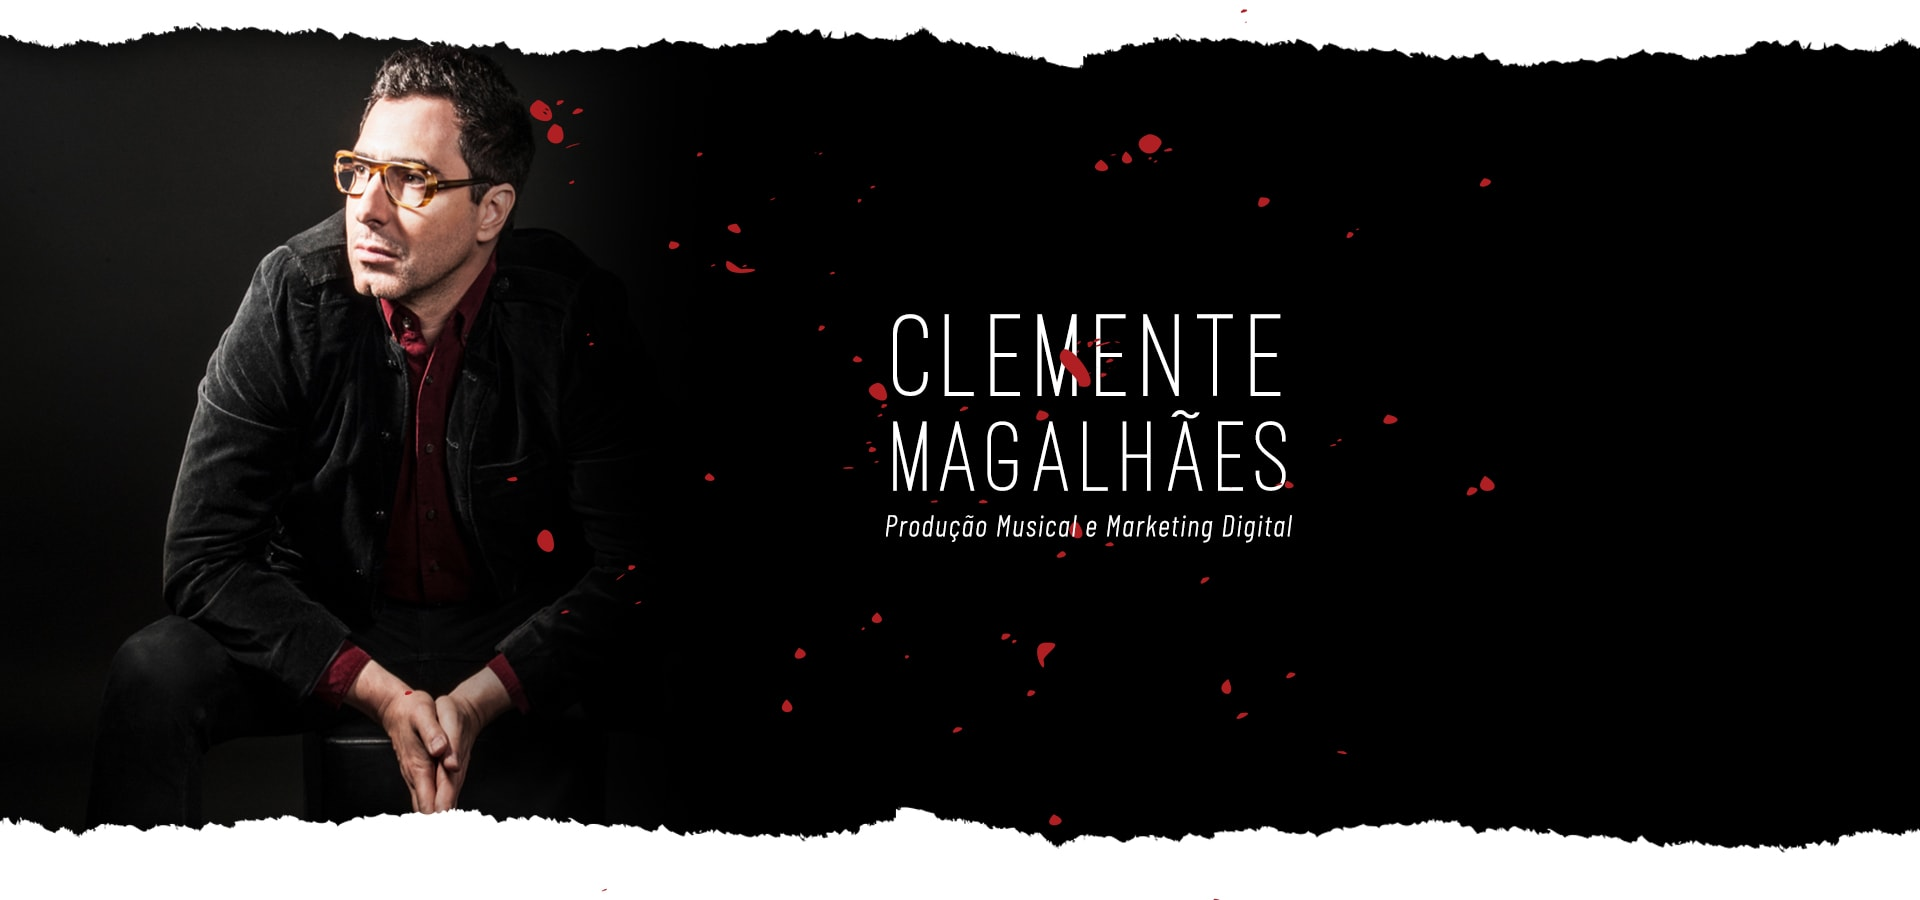 curriculo-clemente-01-head-min.jpg